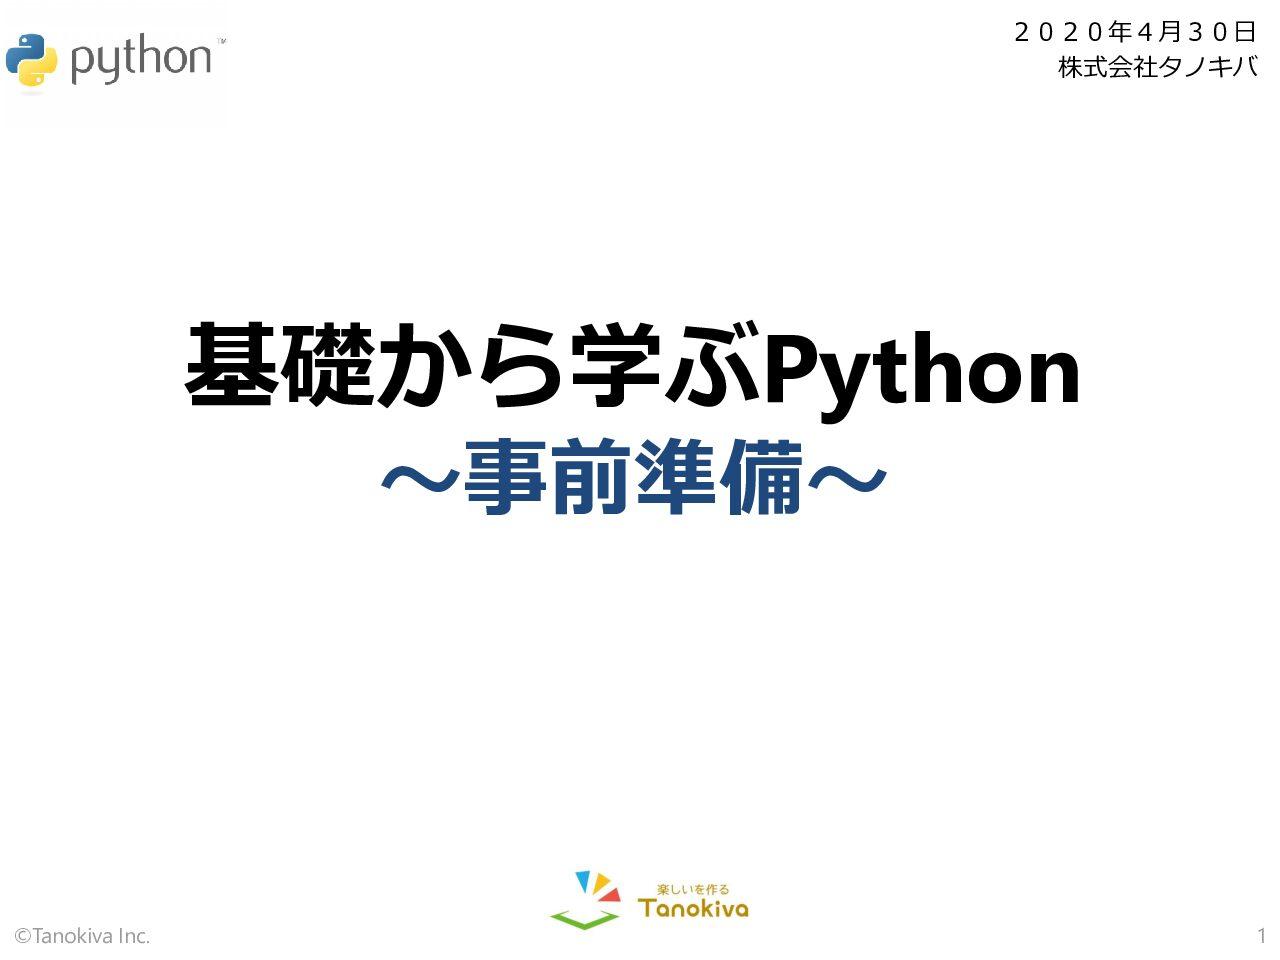 pythonmanual